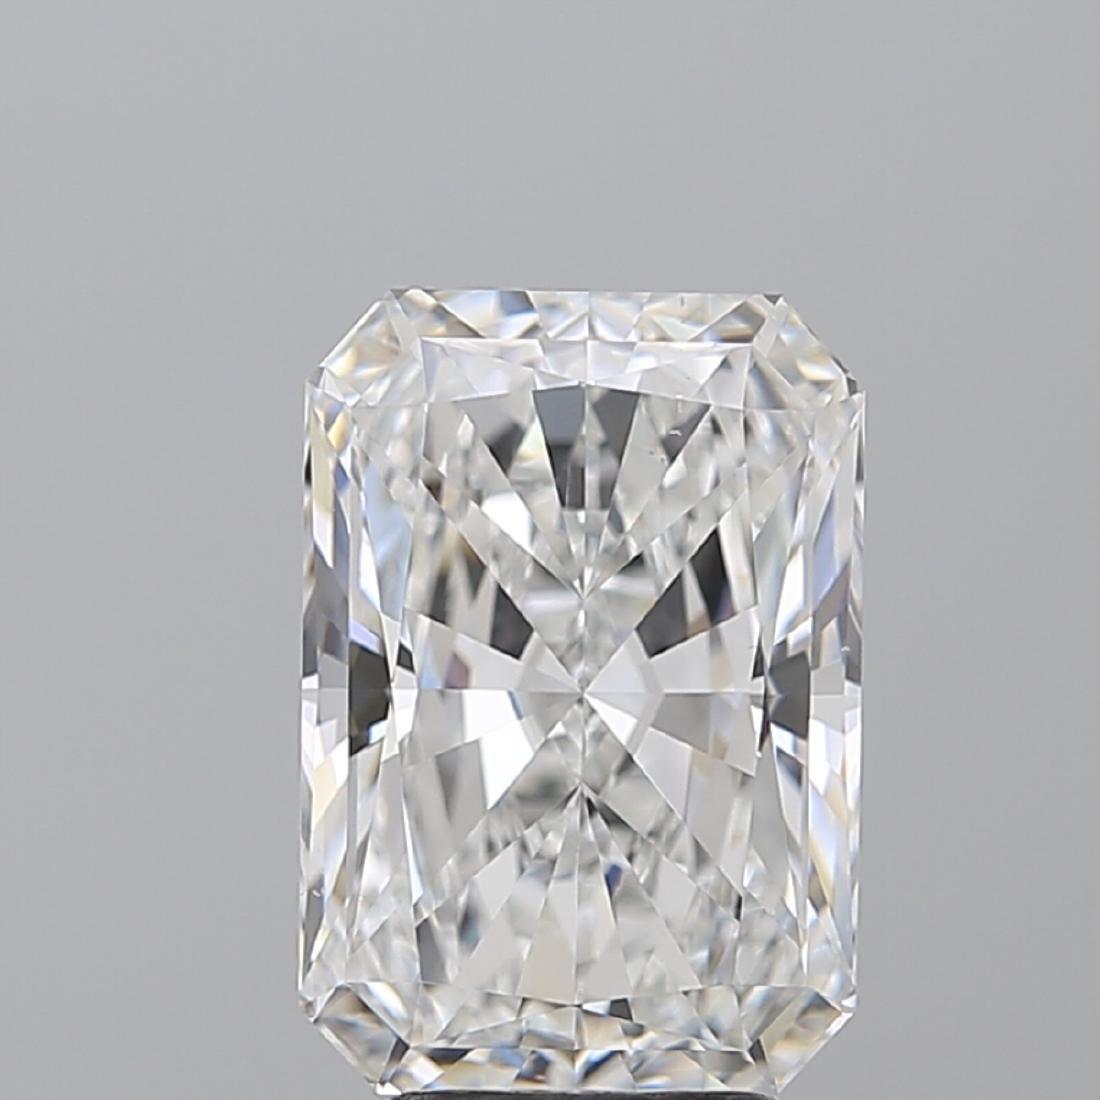 5.03 ct, Color E/VS2, Radiant cut Diamond - 2